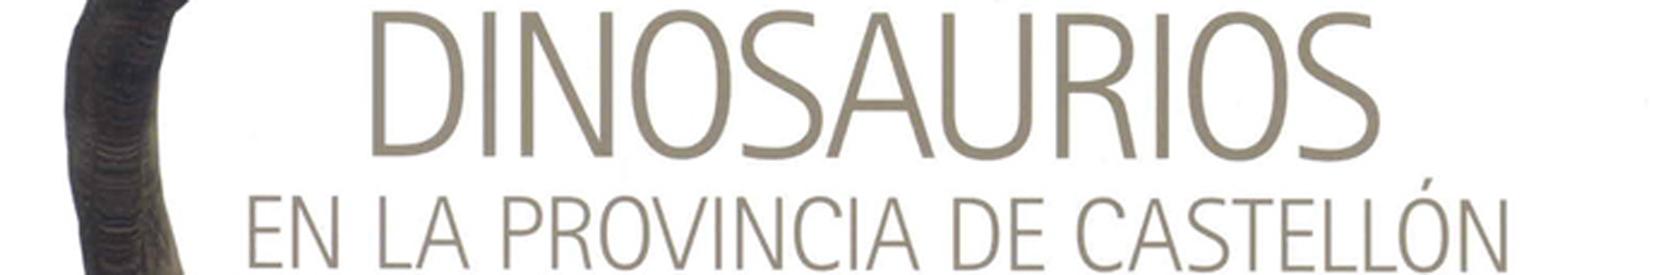 Dinosaurios en la provincia de Castellón